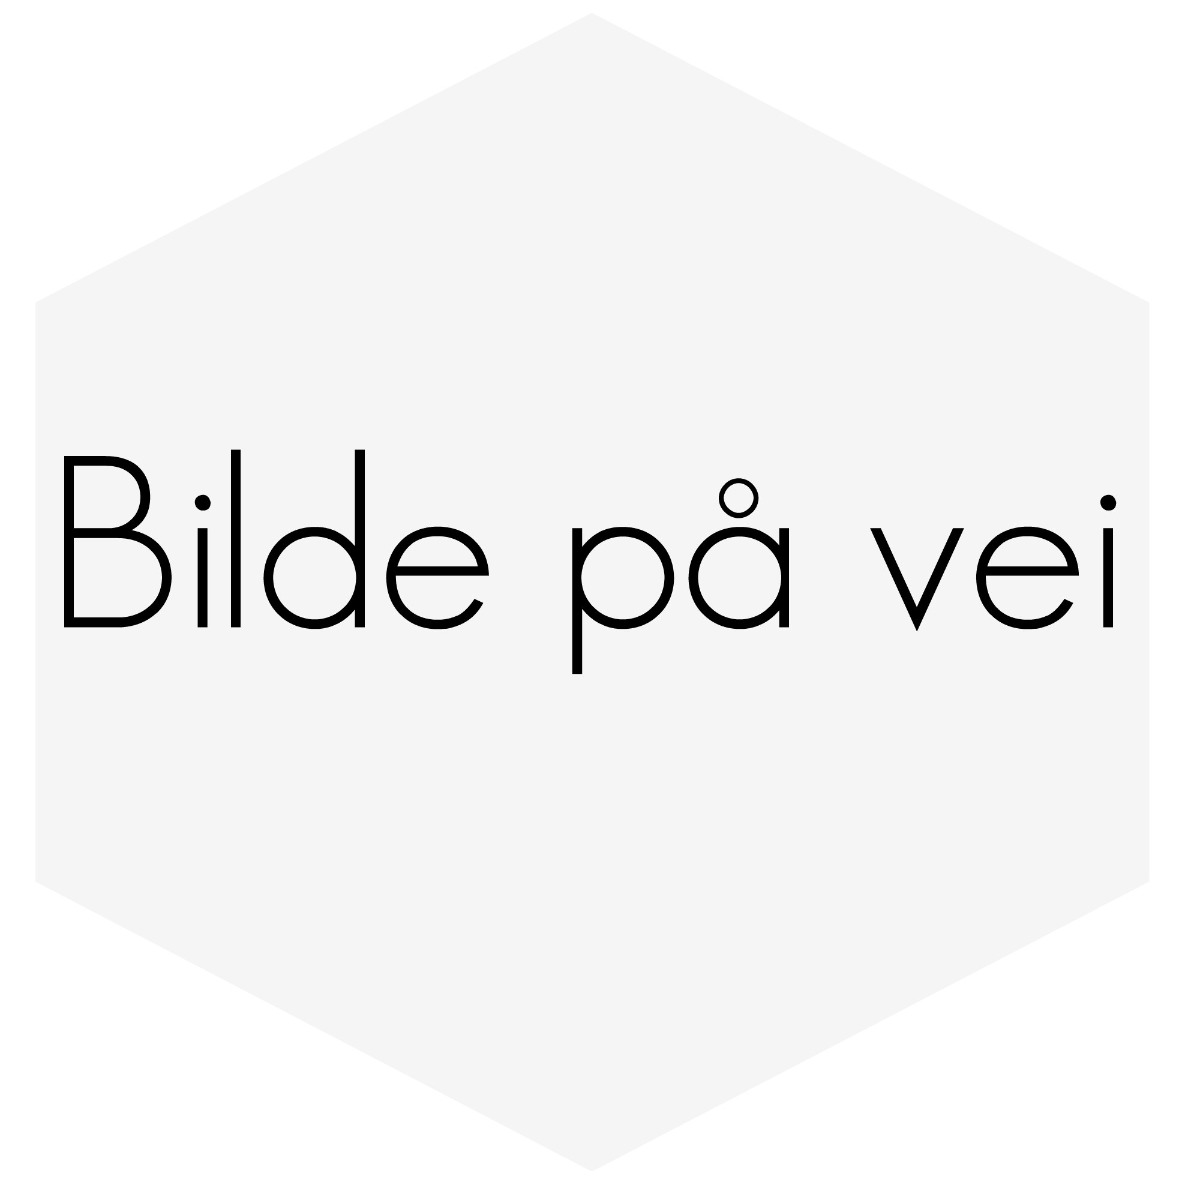 STØTDEMEPR SPORT BILSTEIN AMAZON FORAN pris stk